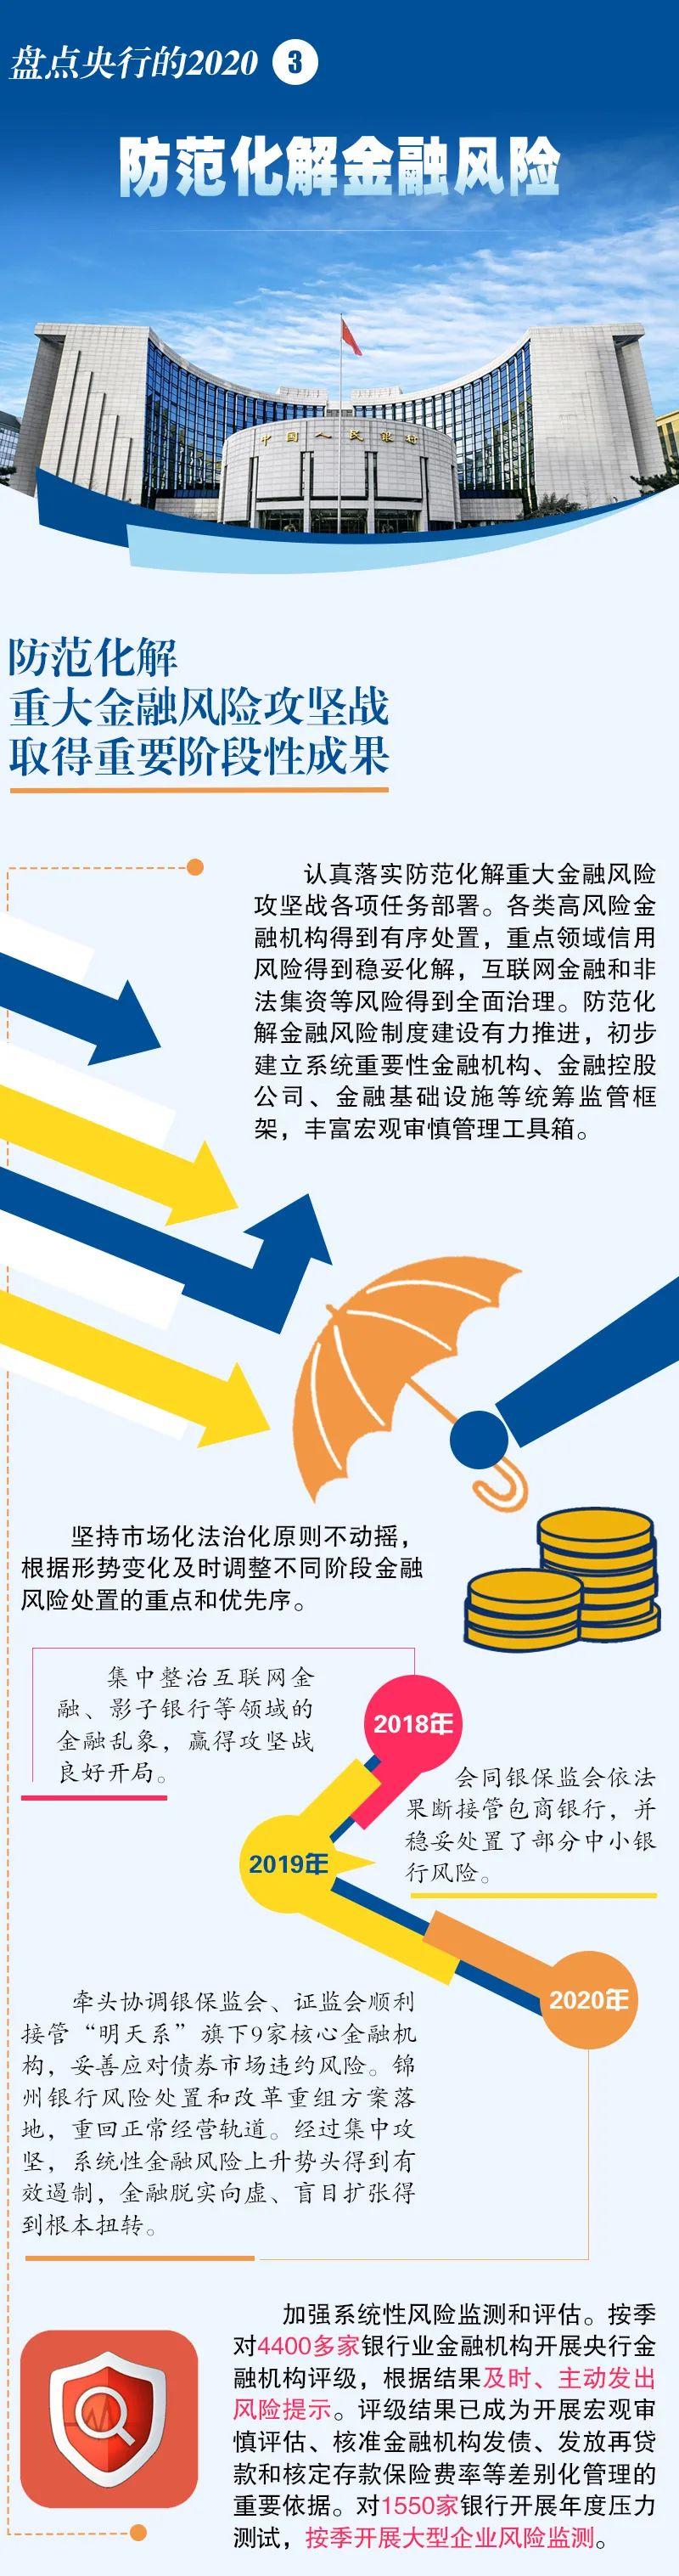 盘点央行的2020  | ③防范化解金融风险